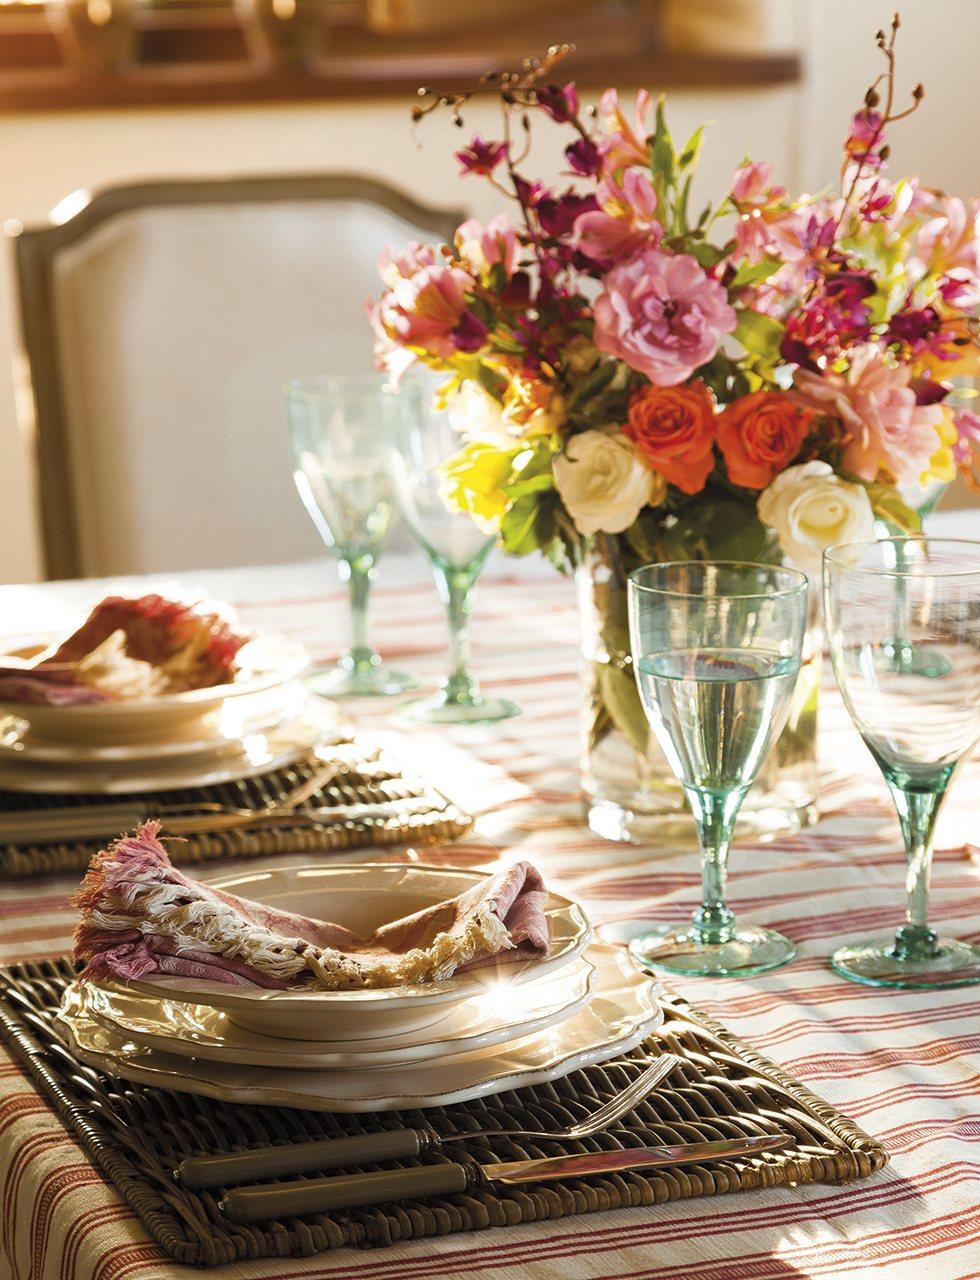 Detalle servicio mesa con copas de cristal verdosas. Sobre la mesa